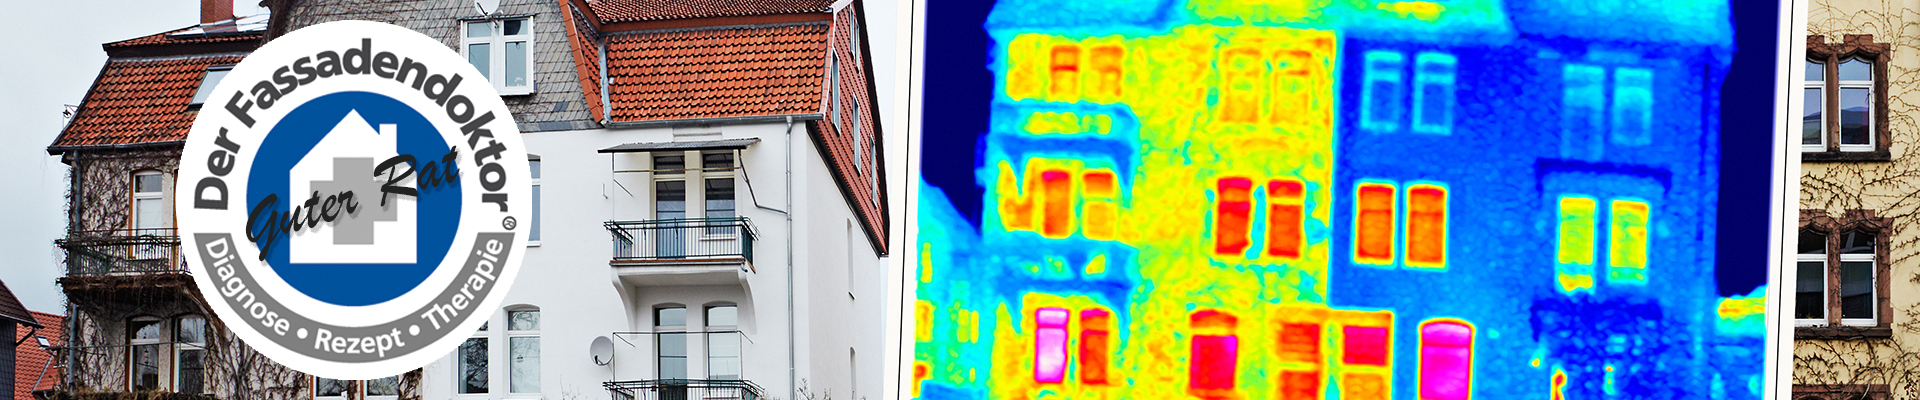 Der Fassadendoktor - Guter Rat